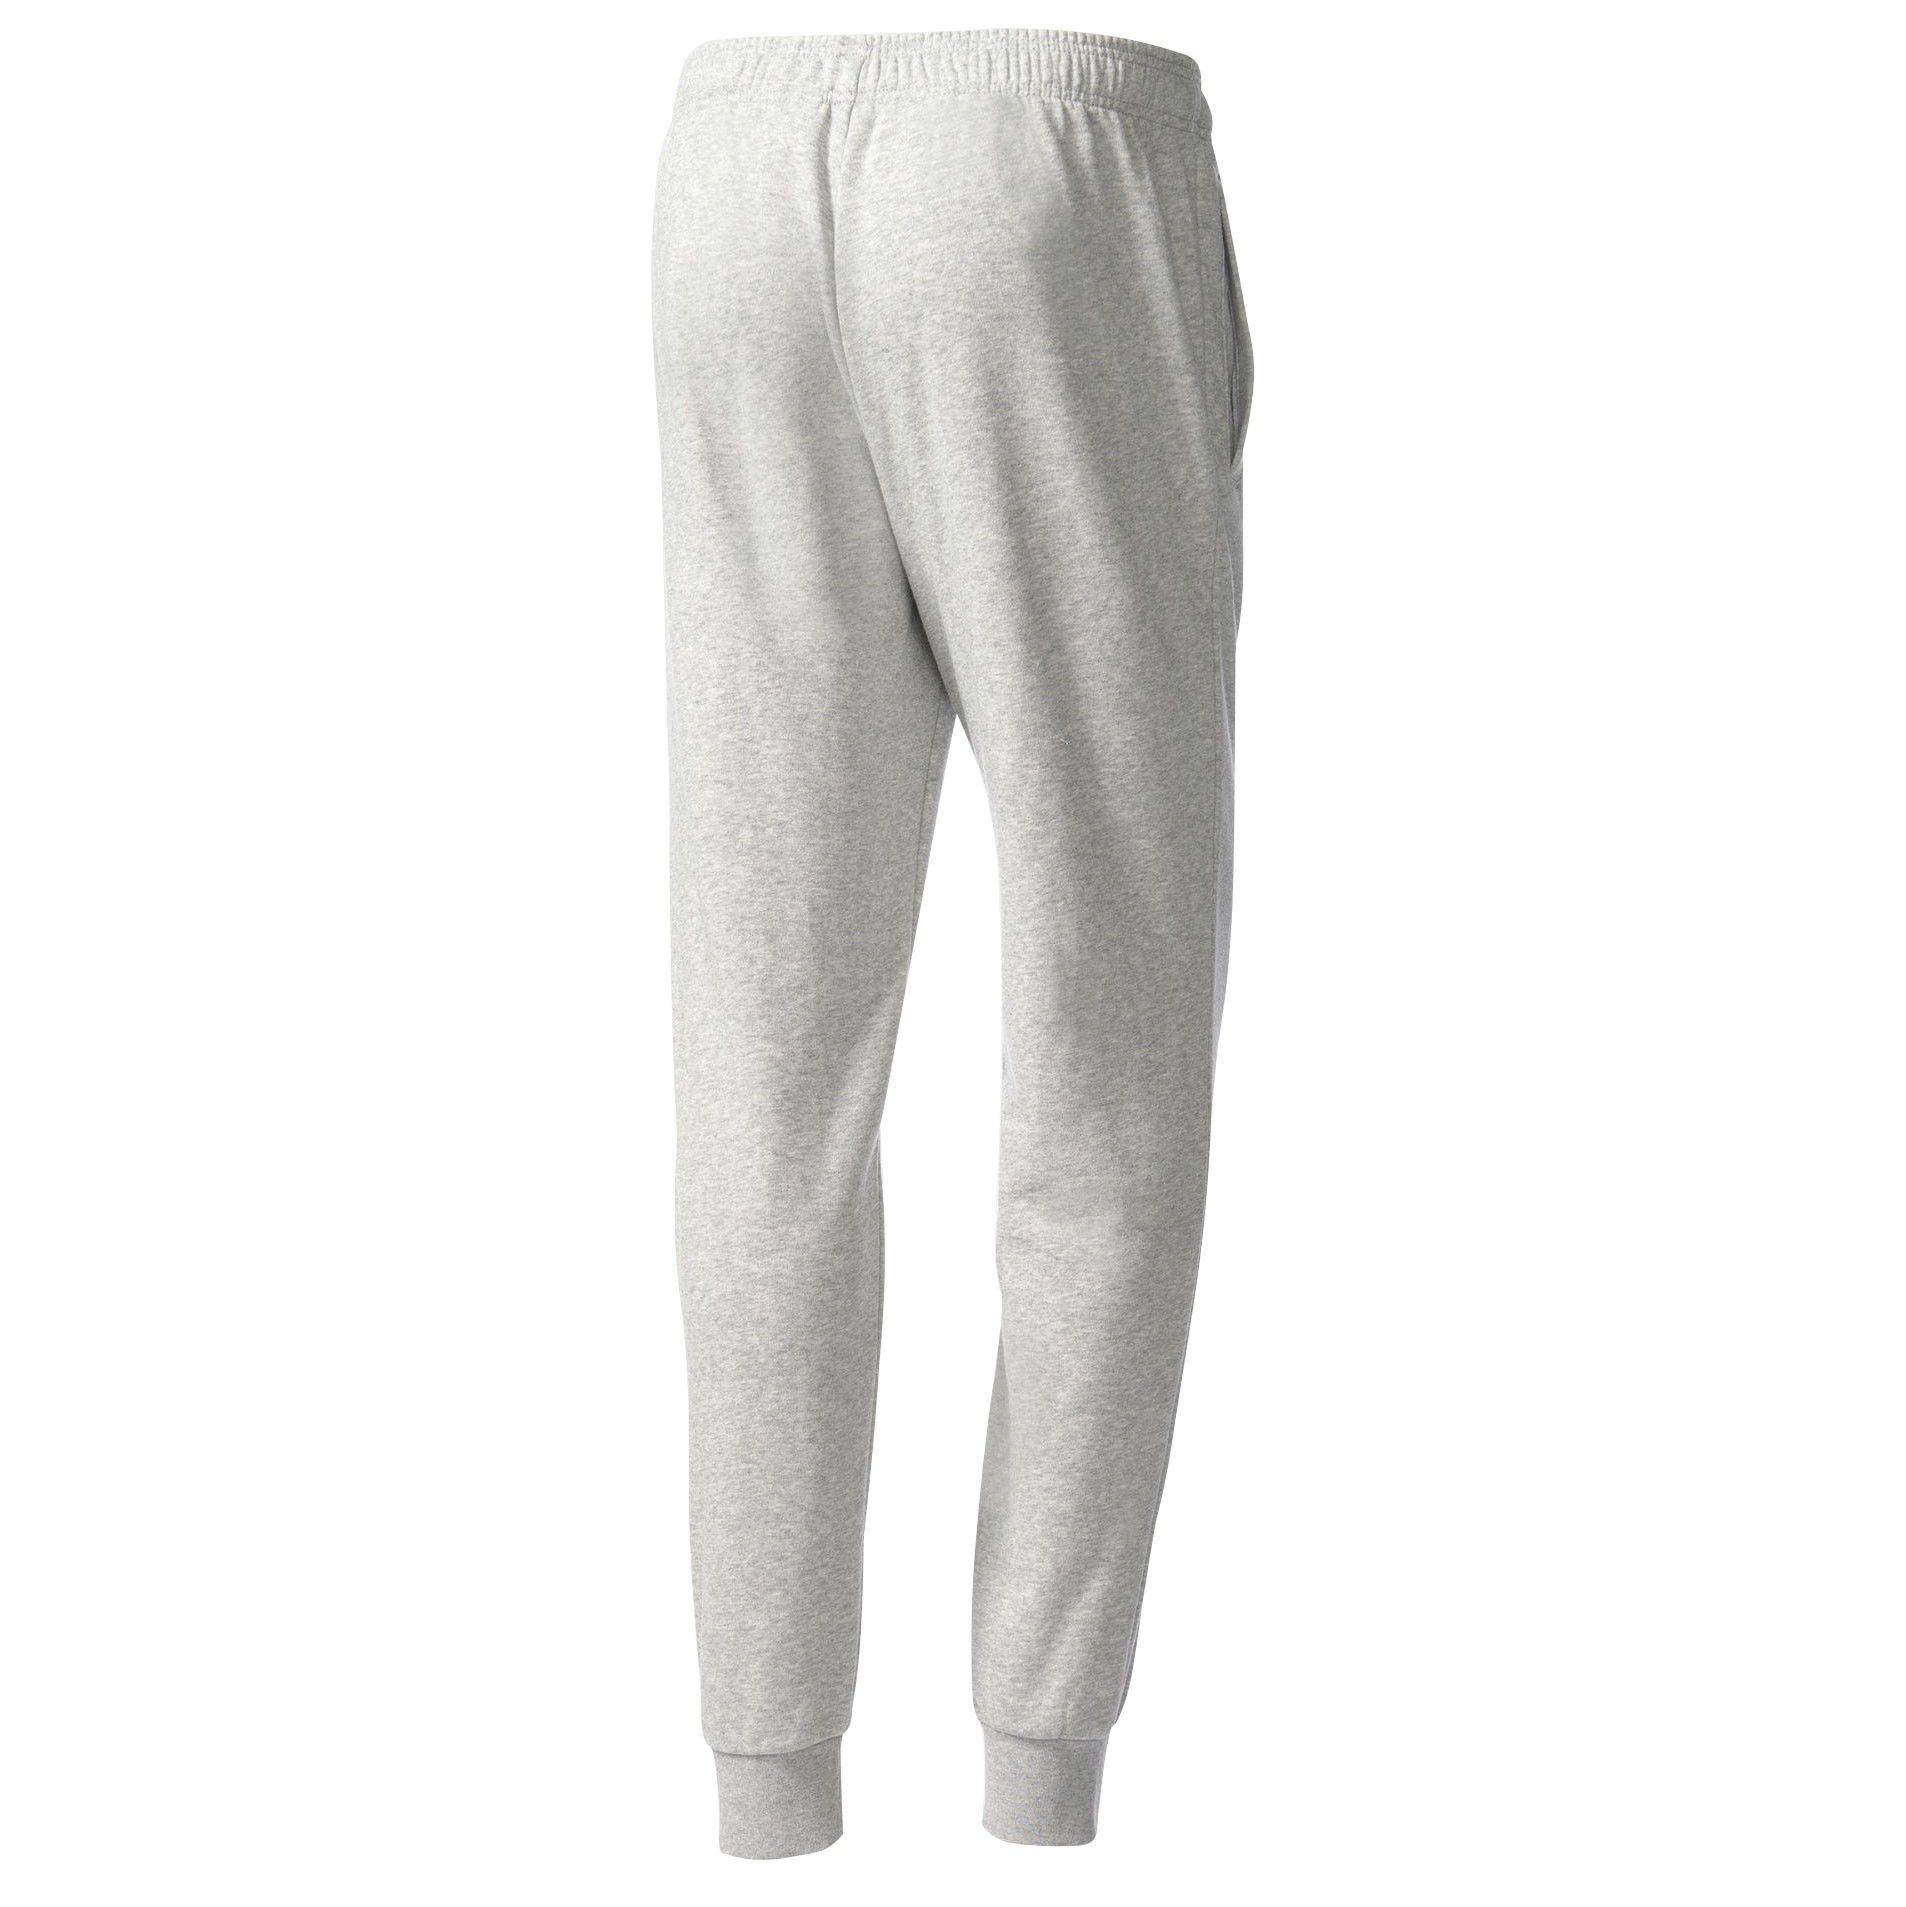 Calça Adidas Moletinho Essentials